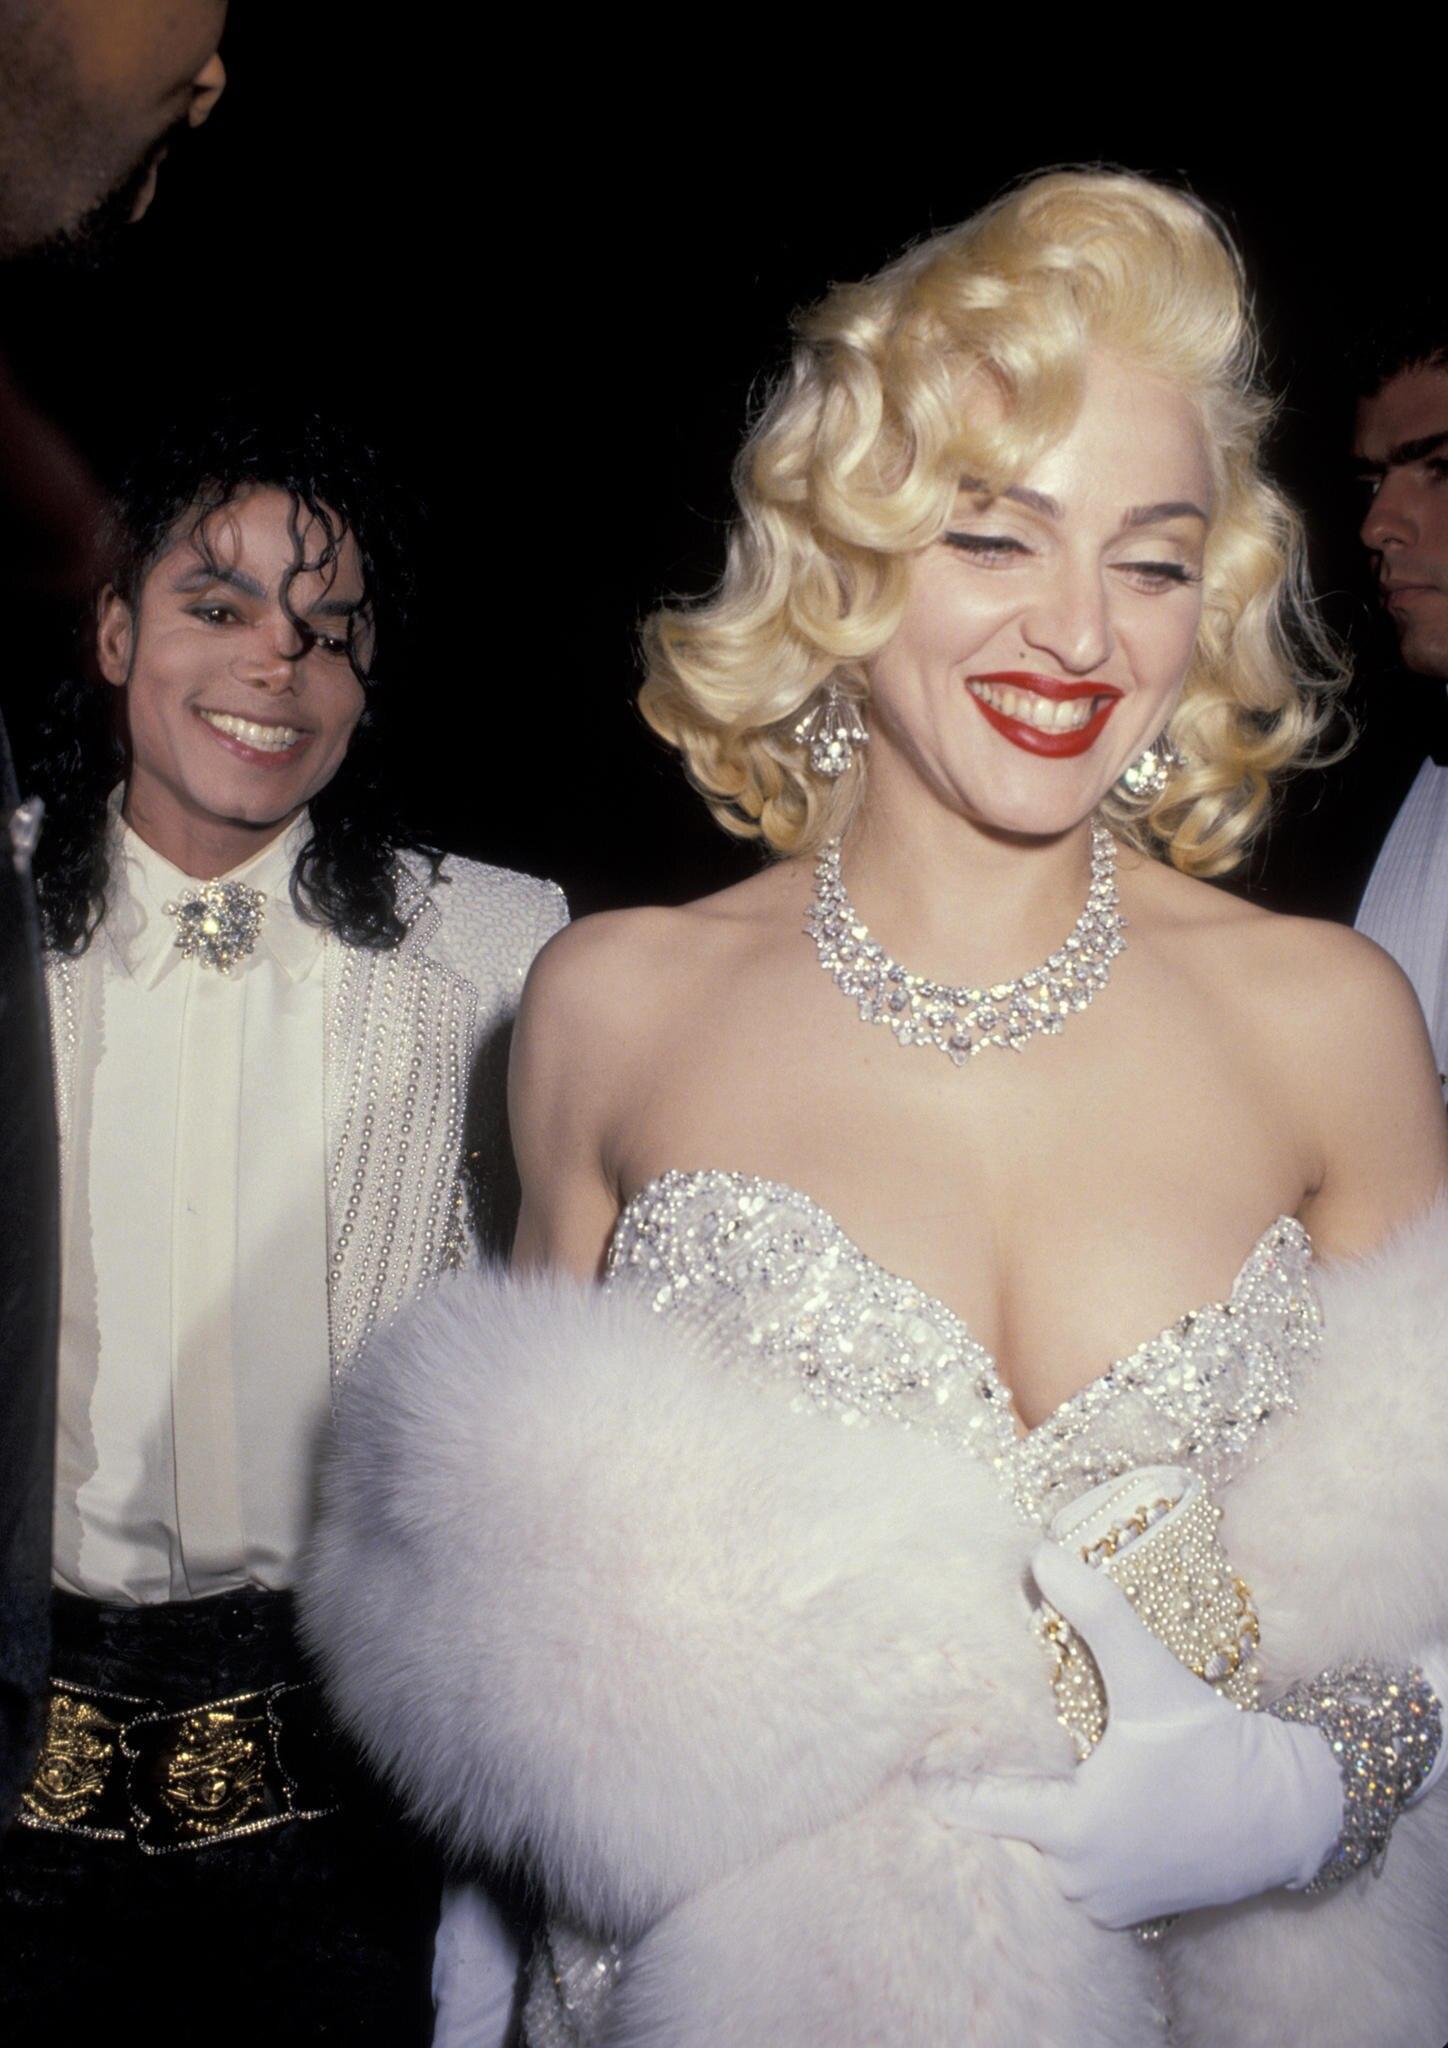 Hier besucht Madonna1991 zusammen mit Michael Jackson (†50) eine Oscar-After-Show-Party in Hollywood. Heute richtet sie selbst eine geheime After-Partyaus, auf der keine Fotos erlaubt sind.